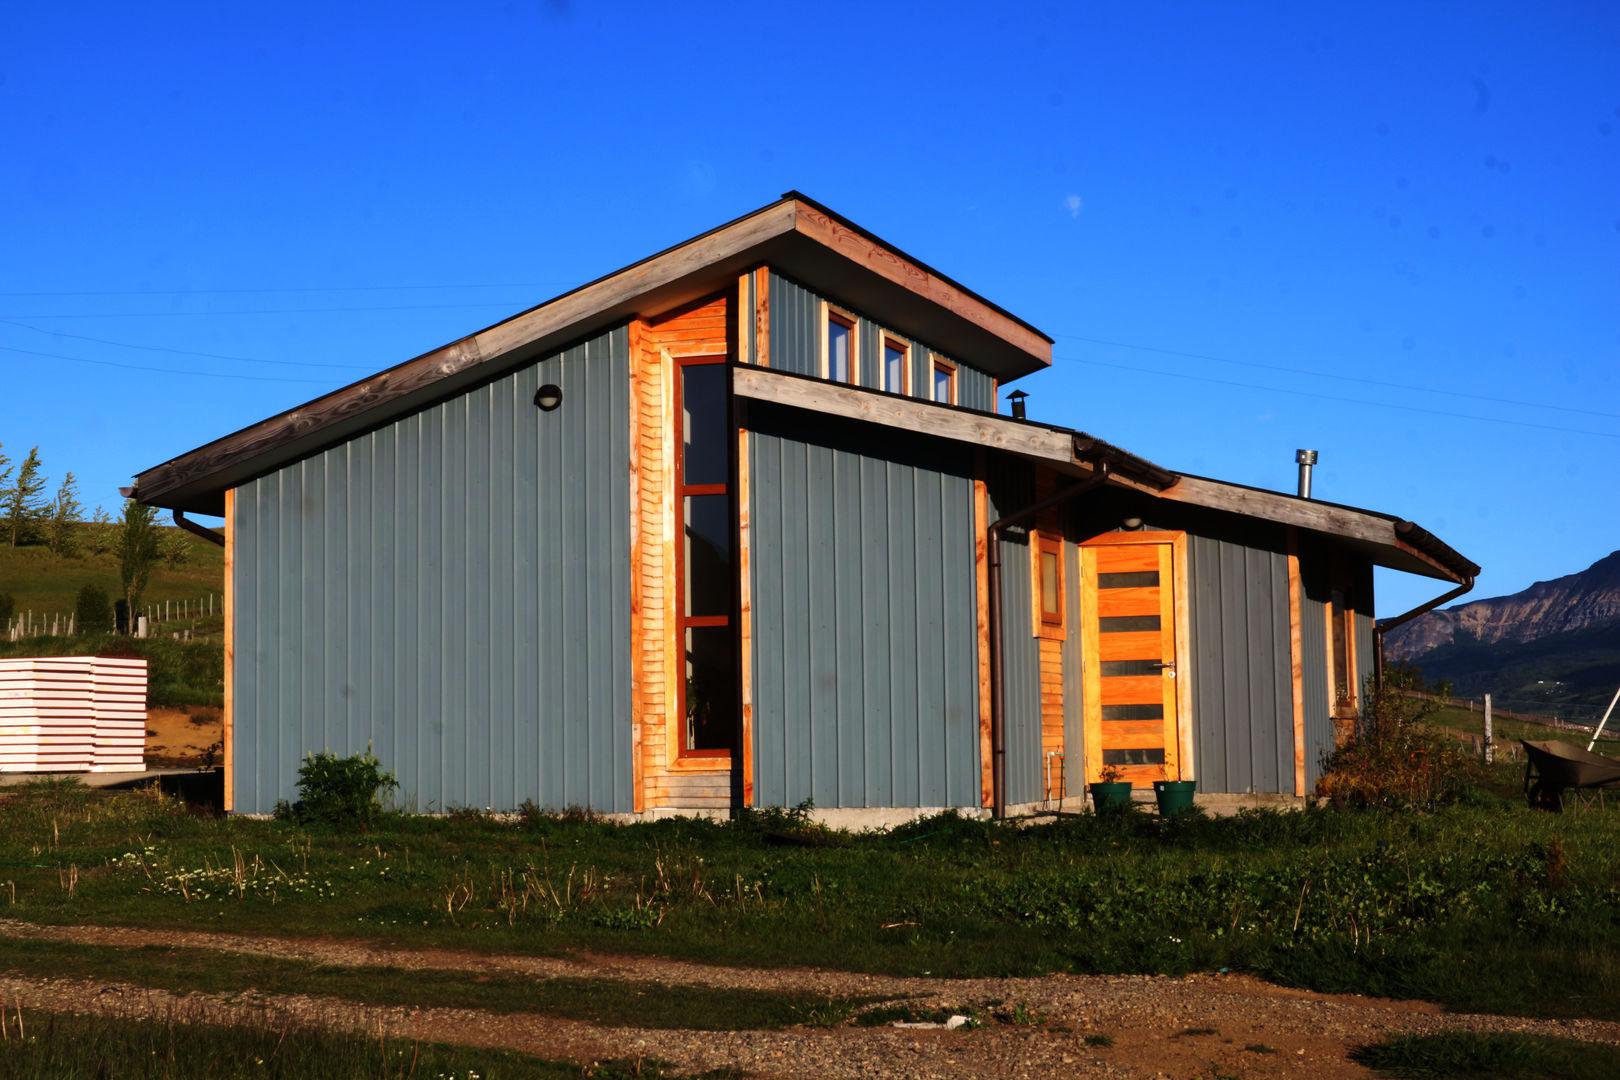 Casas de campo Ideas imgenes y decoracin homify